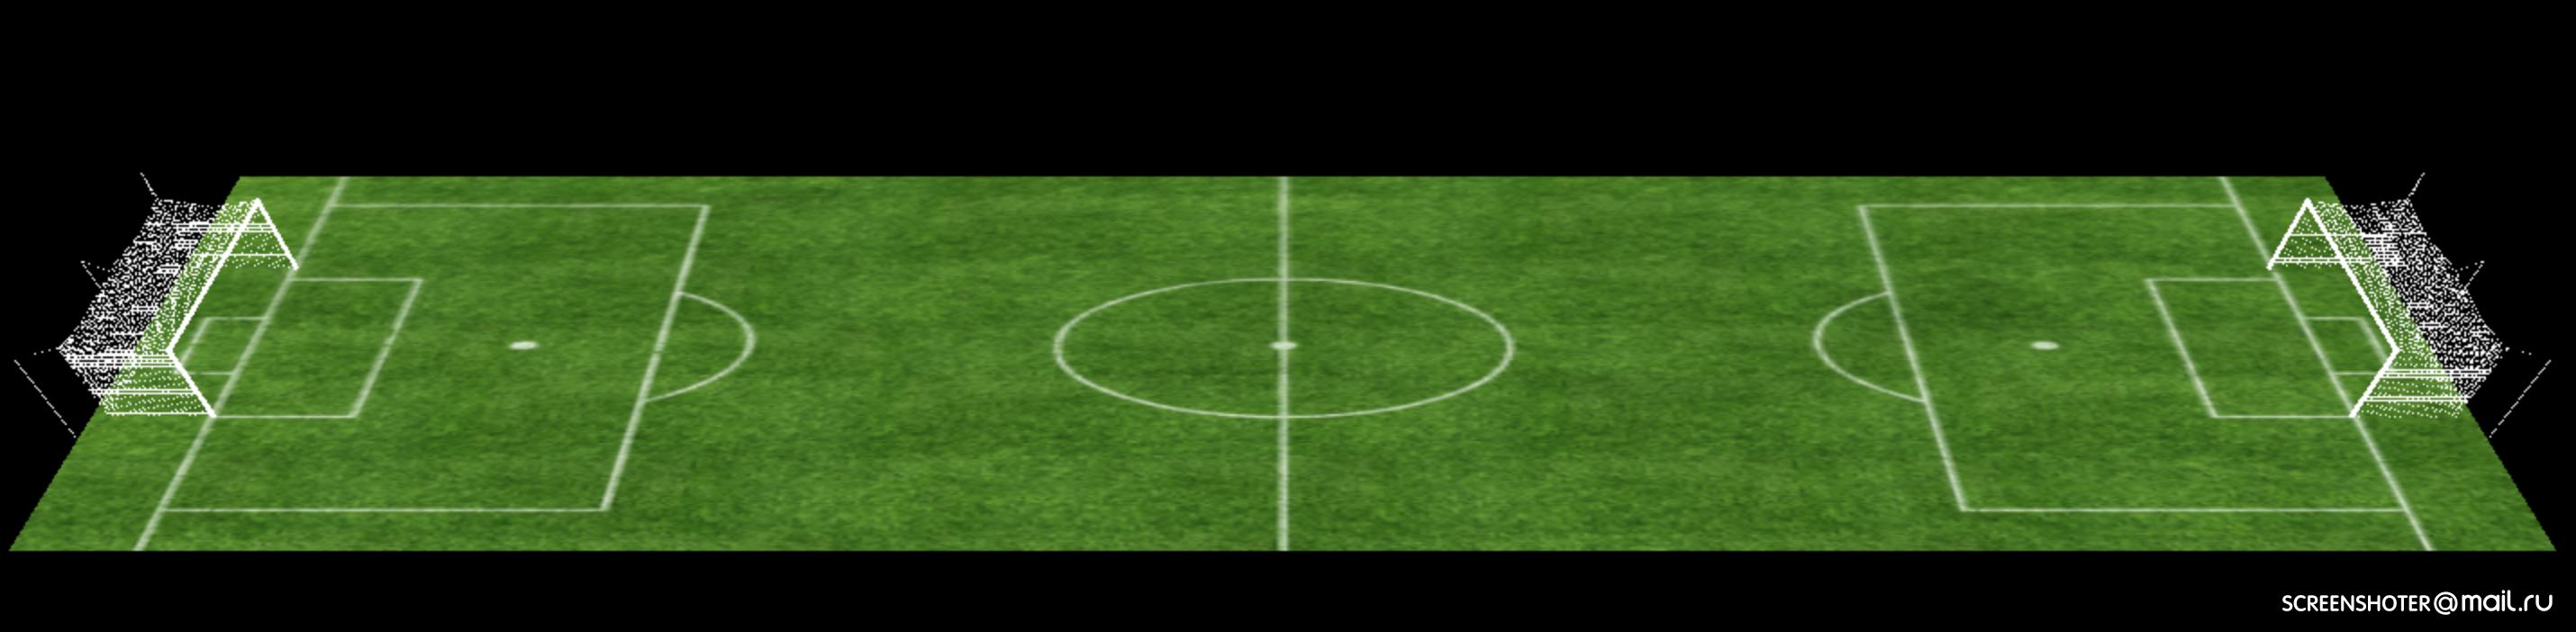 Как я браузерный 3D-футбол писала. Часть 2 - 3